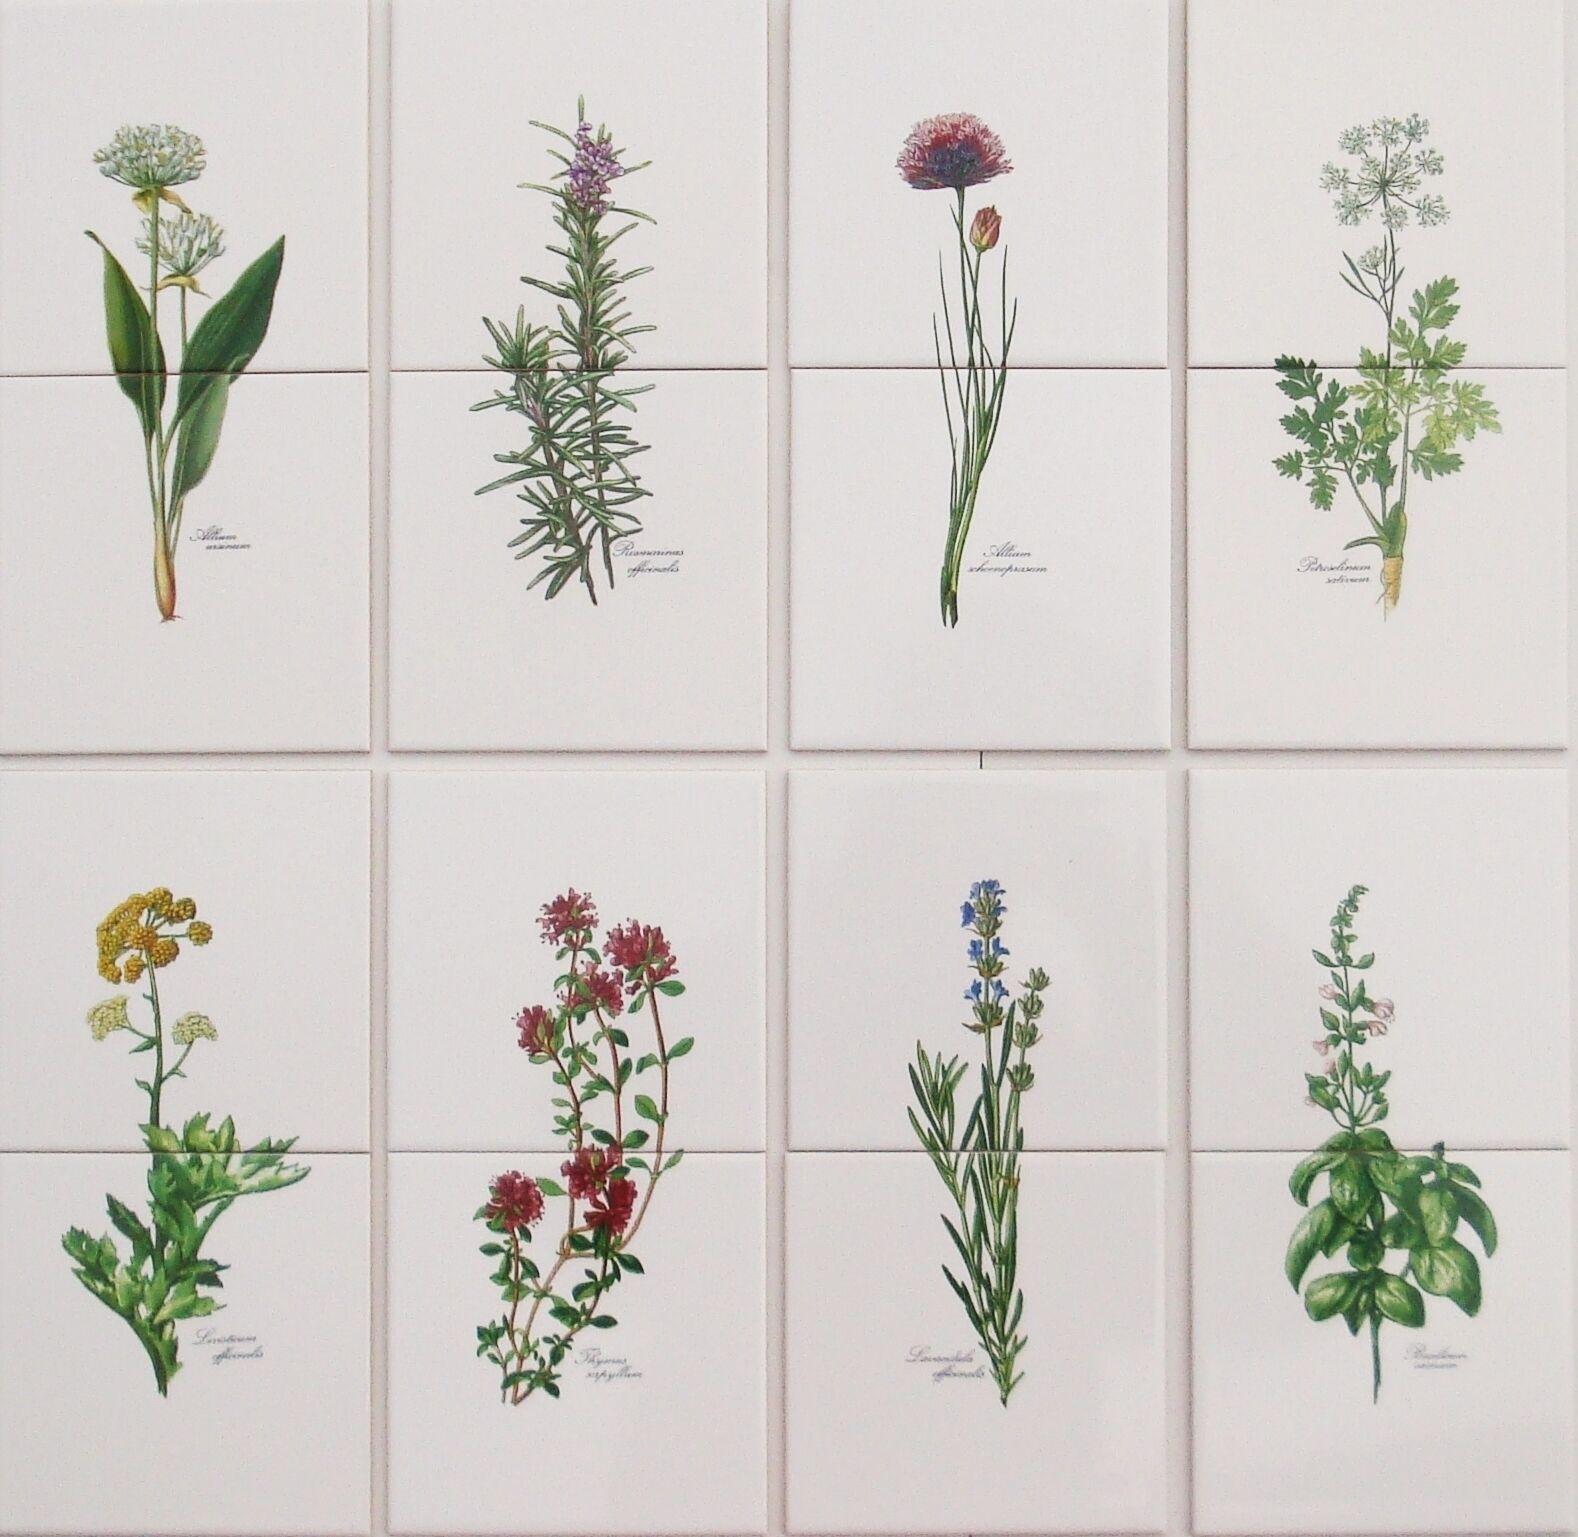 15x15 Küchenfliesen mit Kräutermotiven Basilikum Schnittlauch Rosmarin Thymian